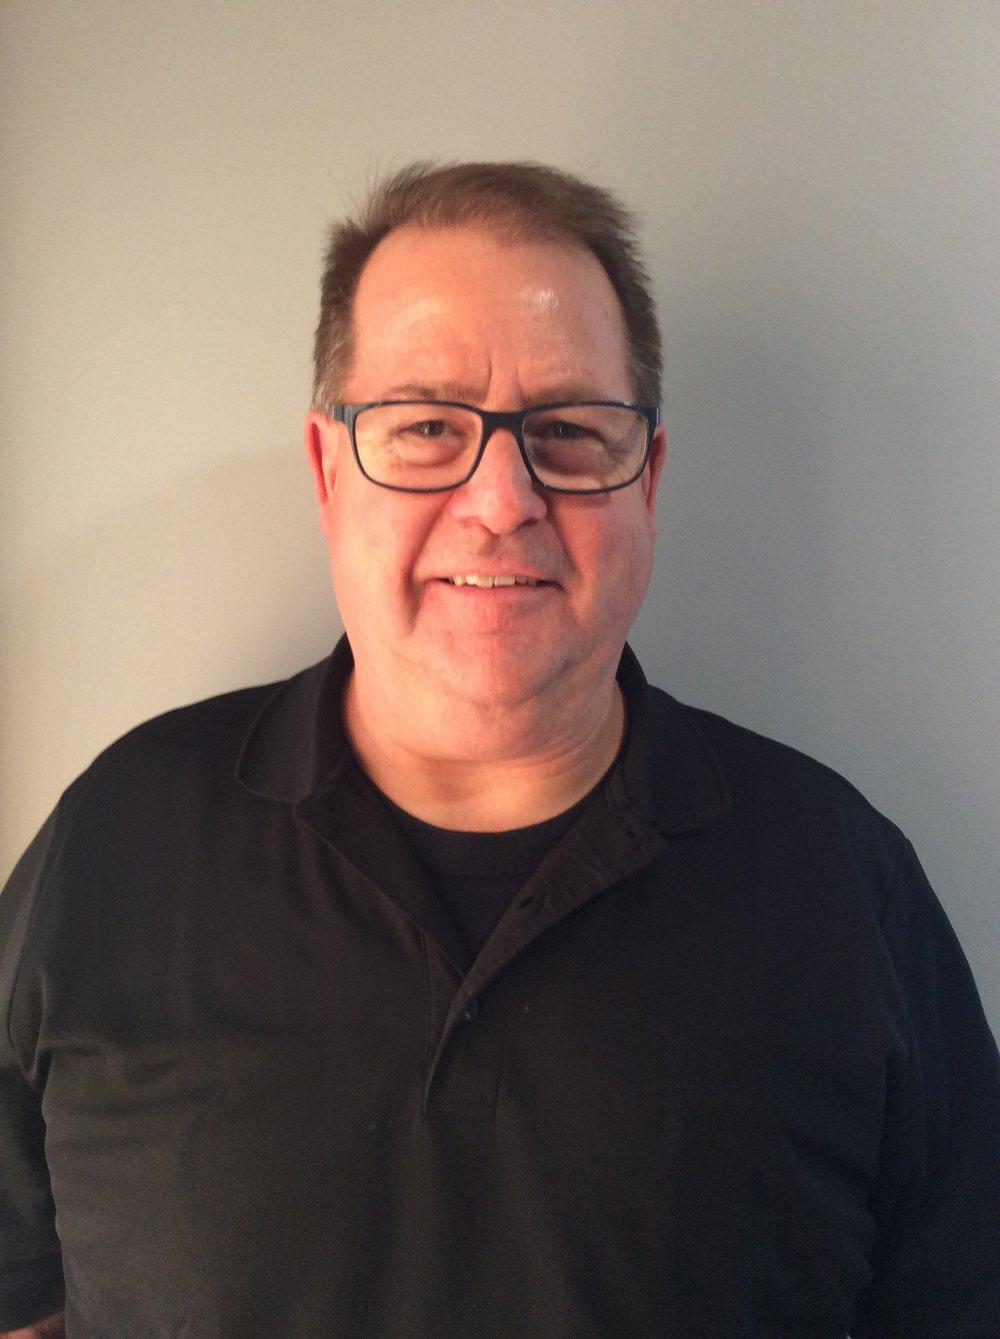 Greg Siegel - Owner/Operator